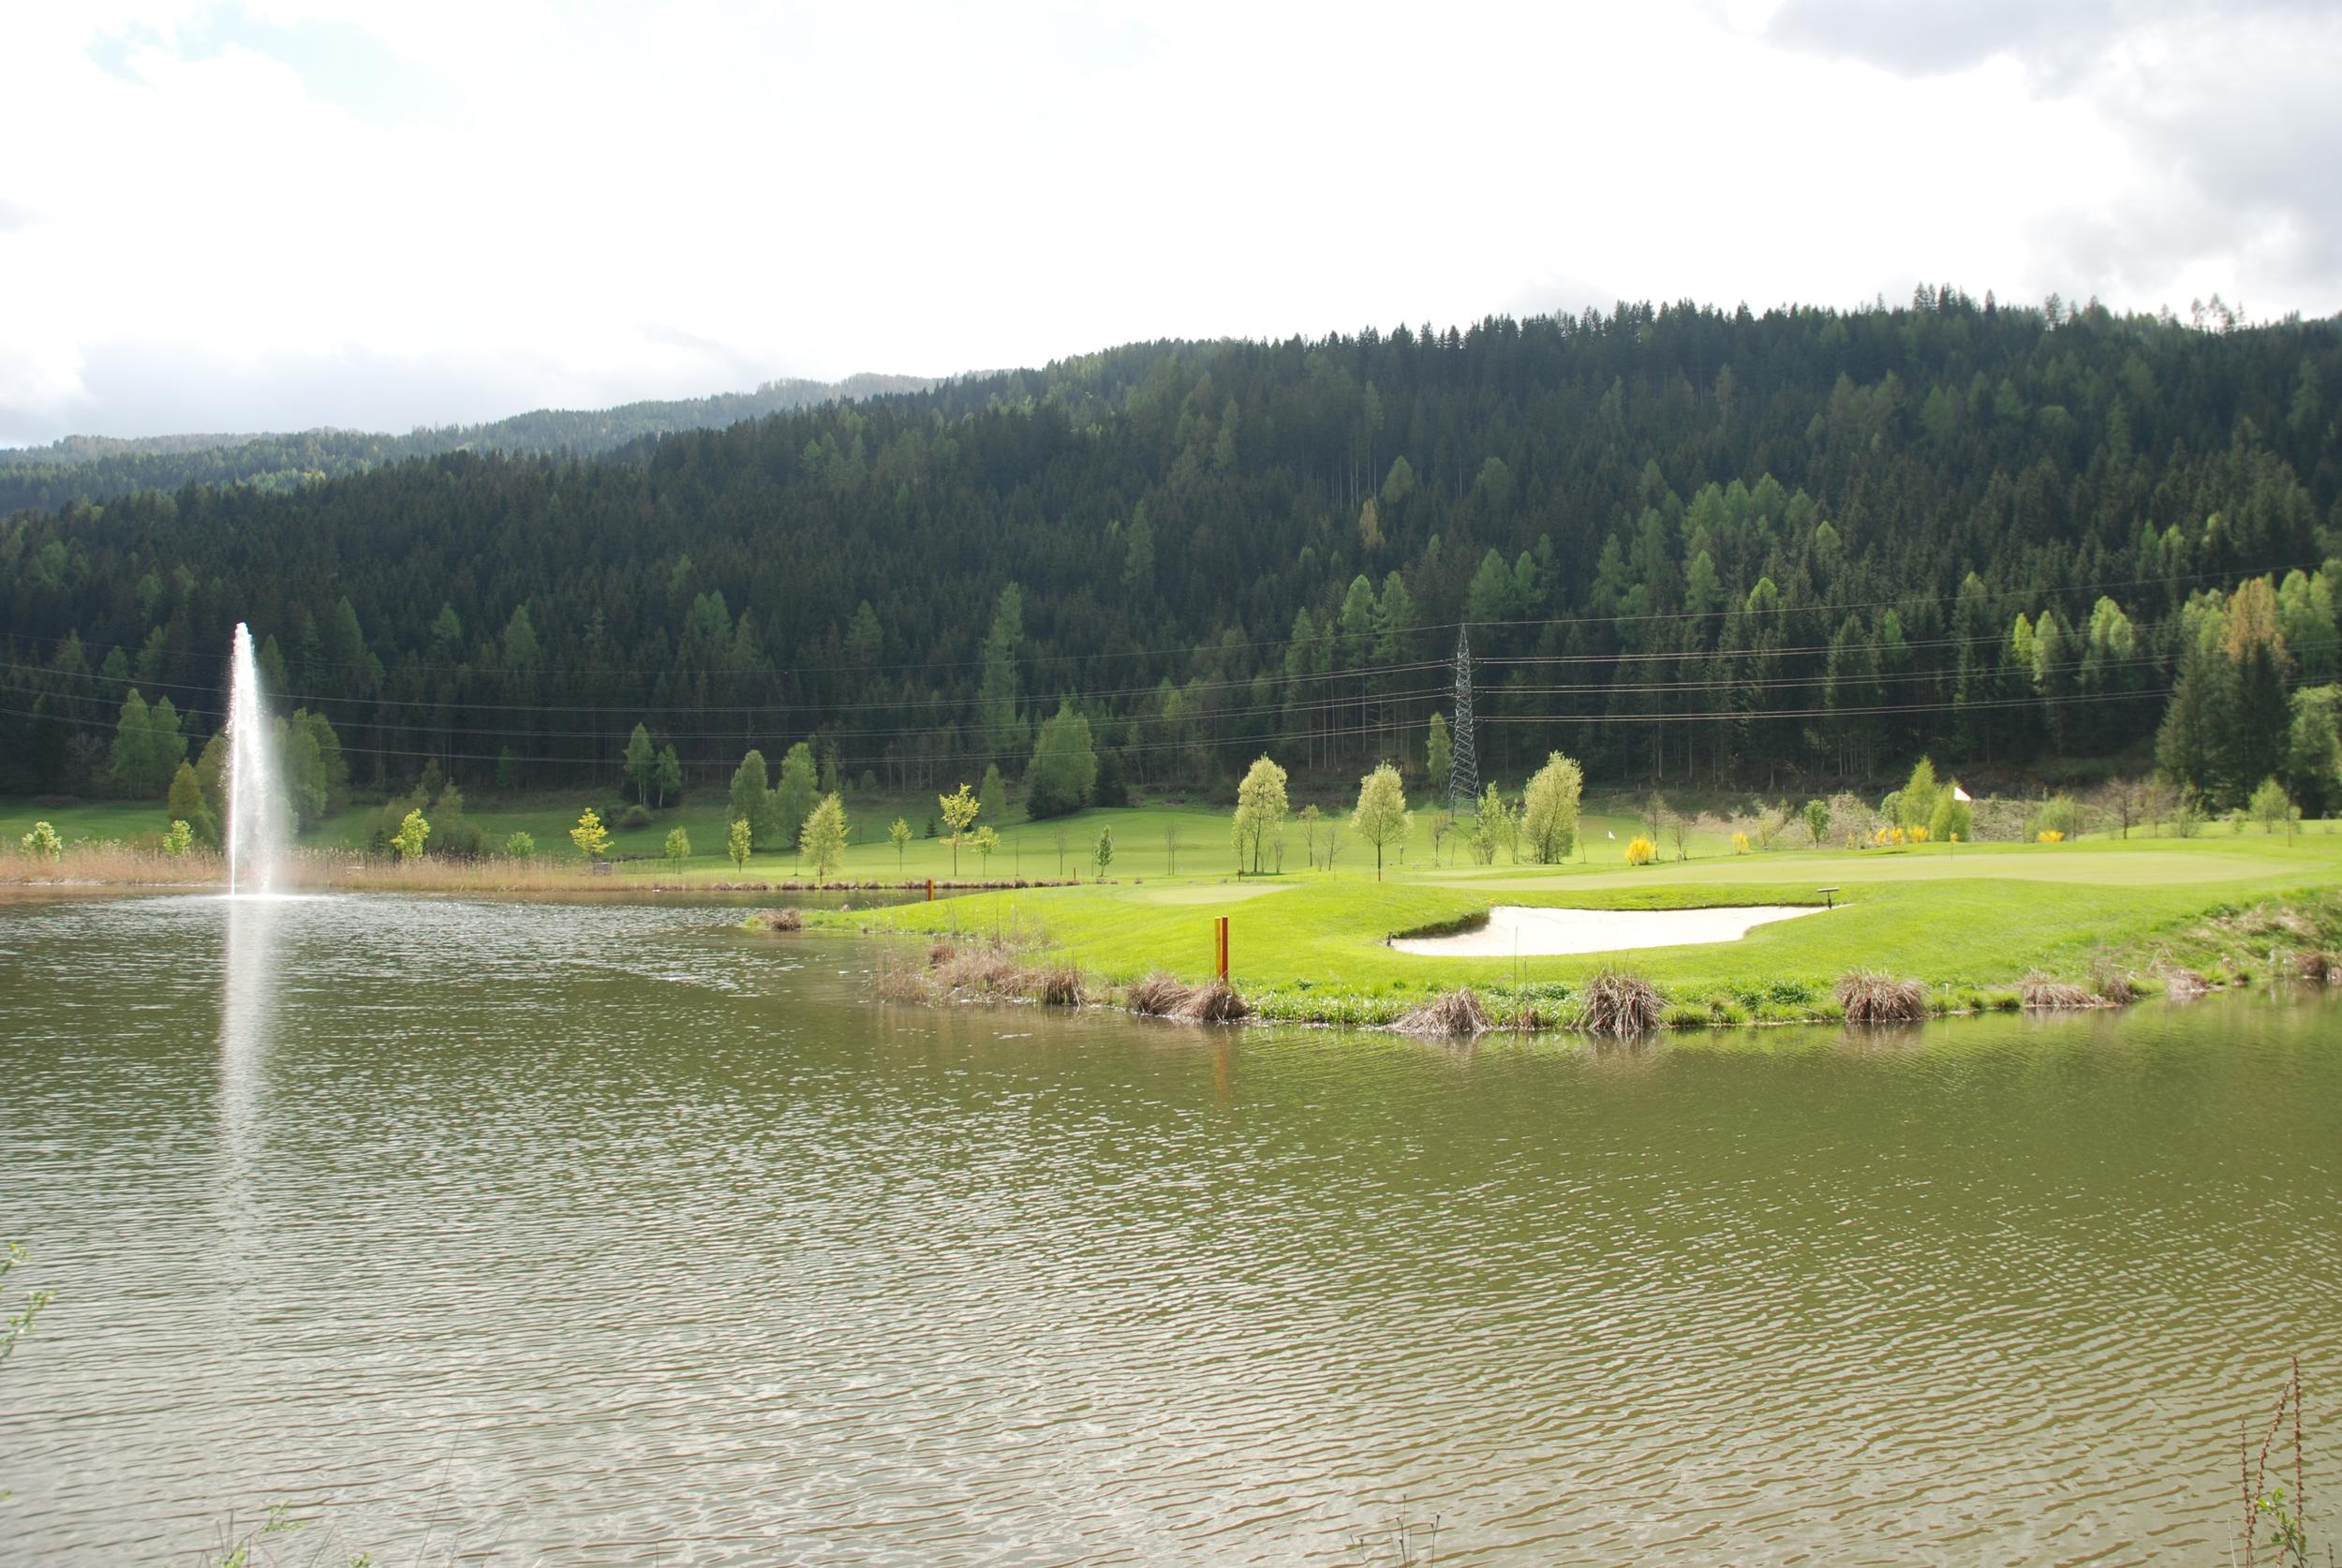 Golf hole at St Lorenzen